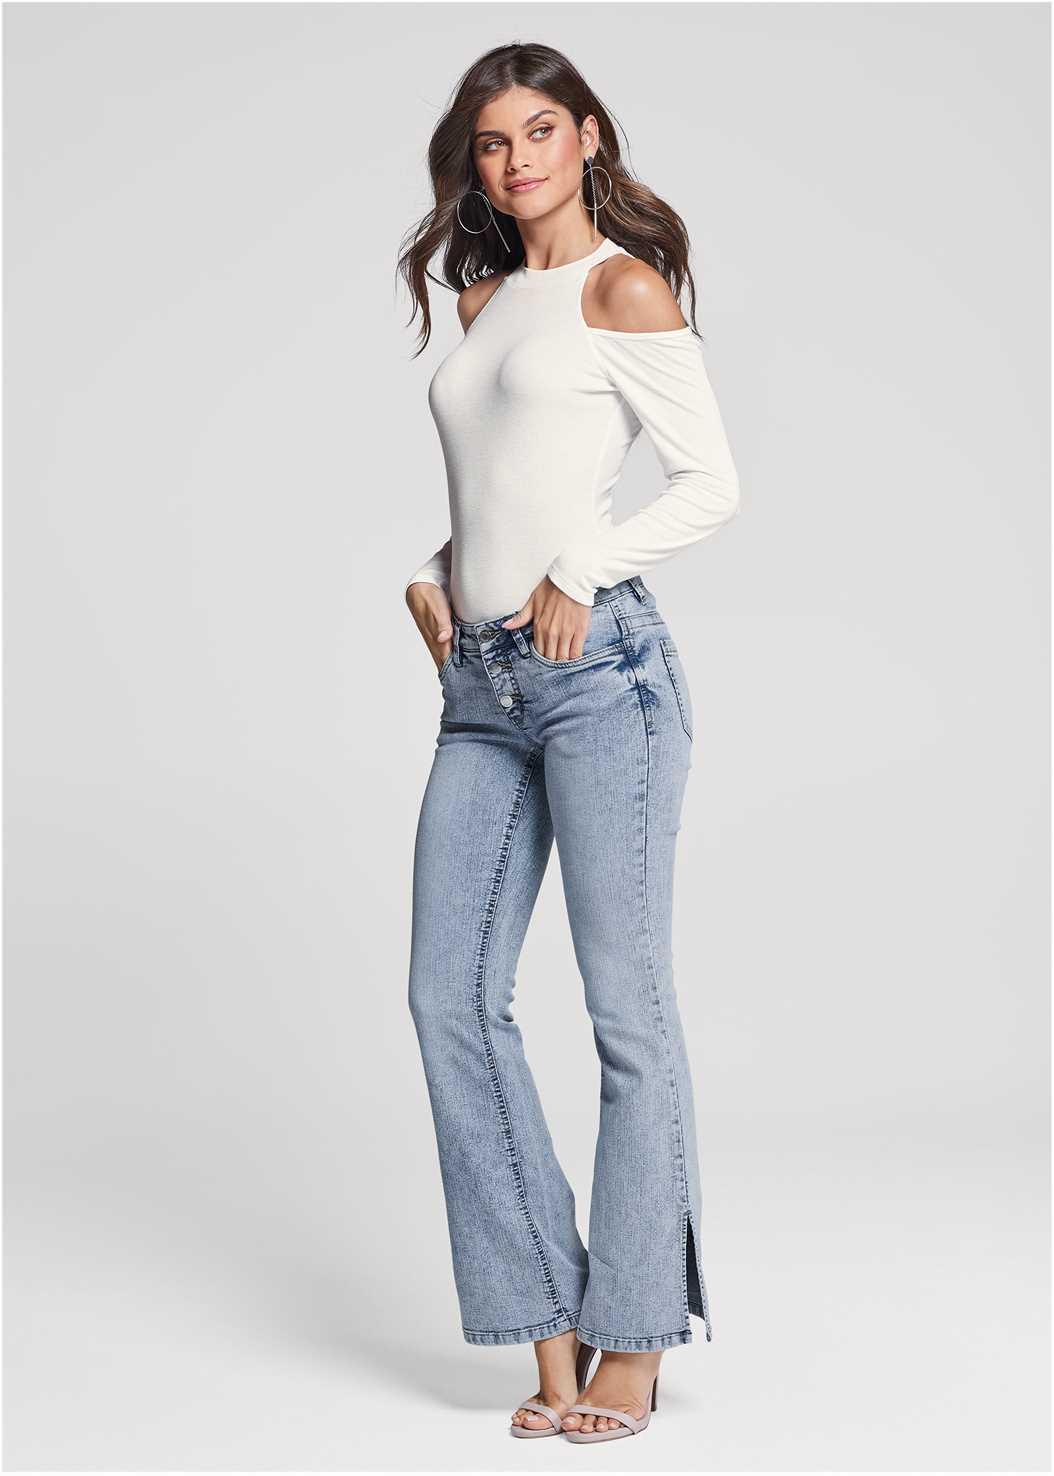 Slit Detail Bootcut Jeans,Ribbed Long Sleeve Top,Ankle Strap Heels,Embellished Tassel Earrings,Macrame Handbag